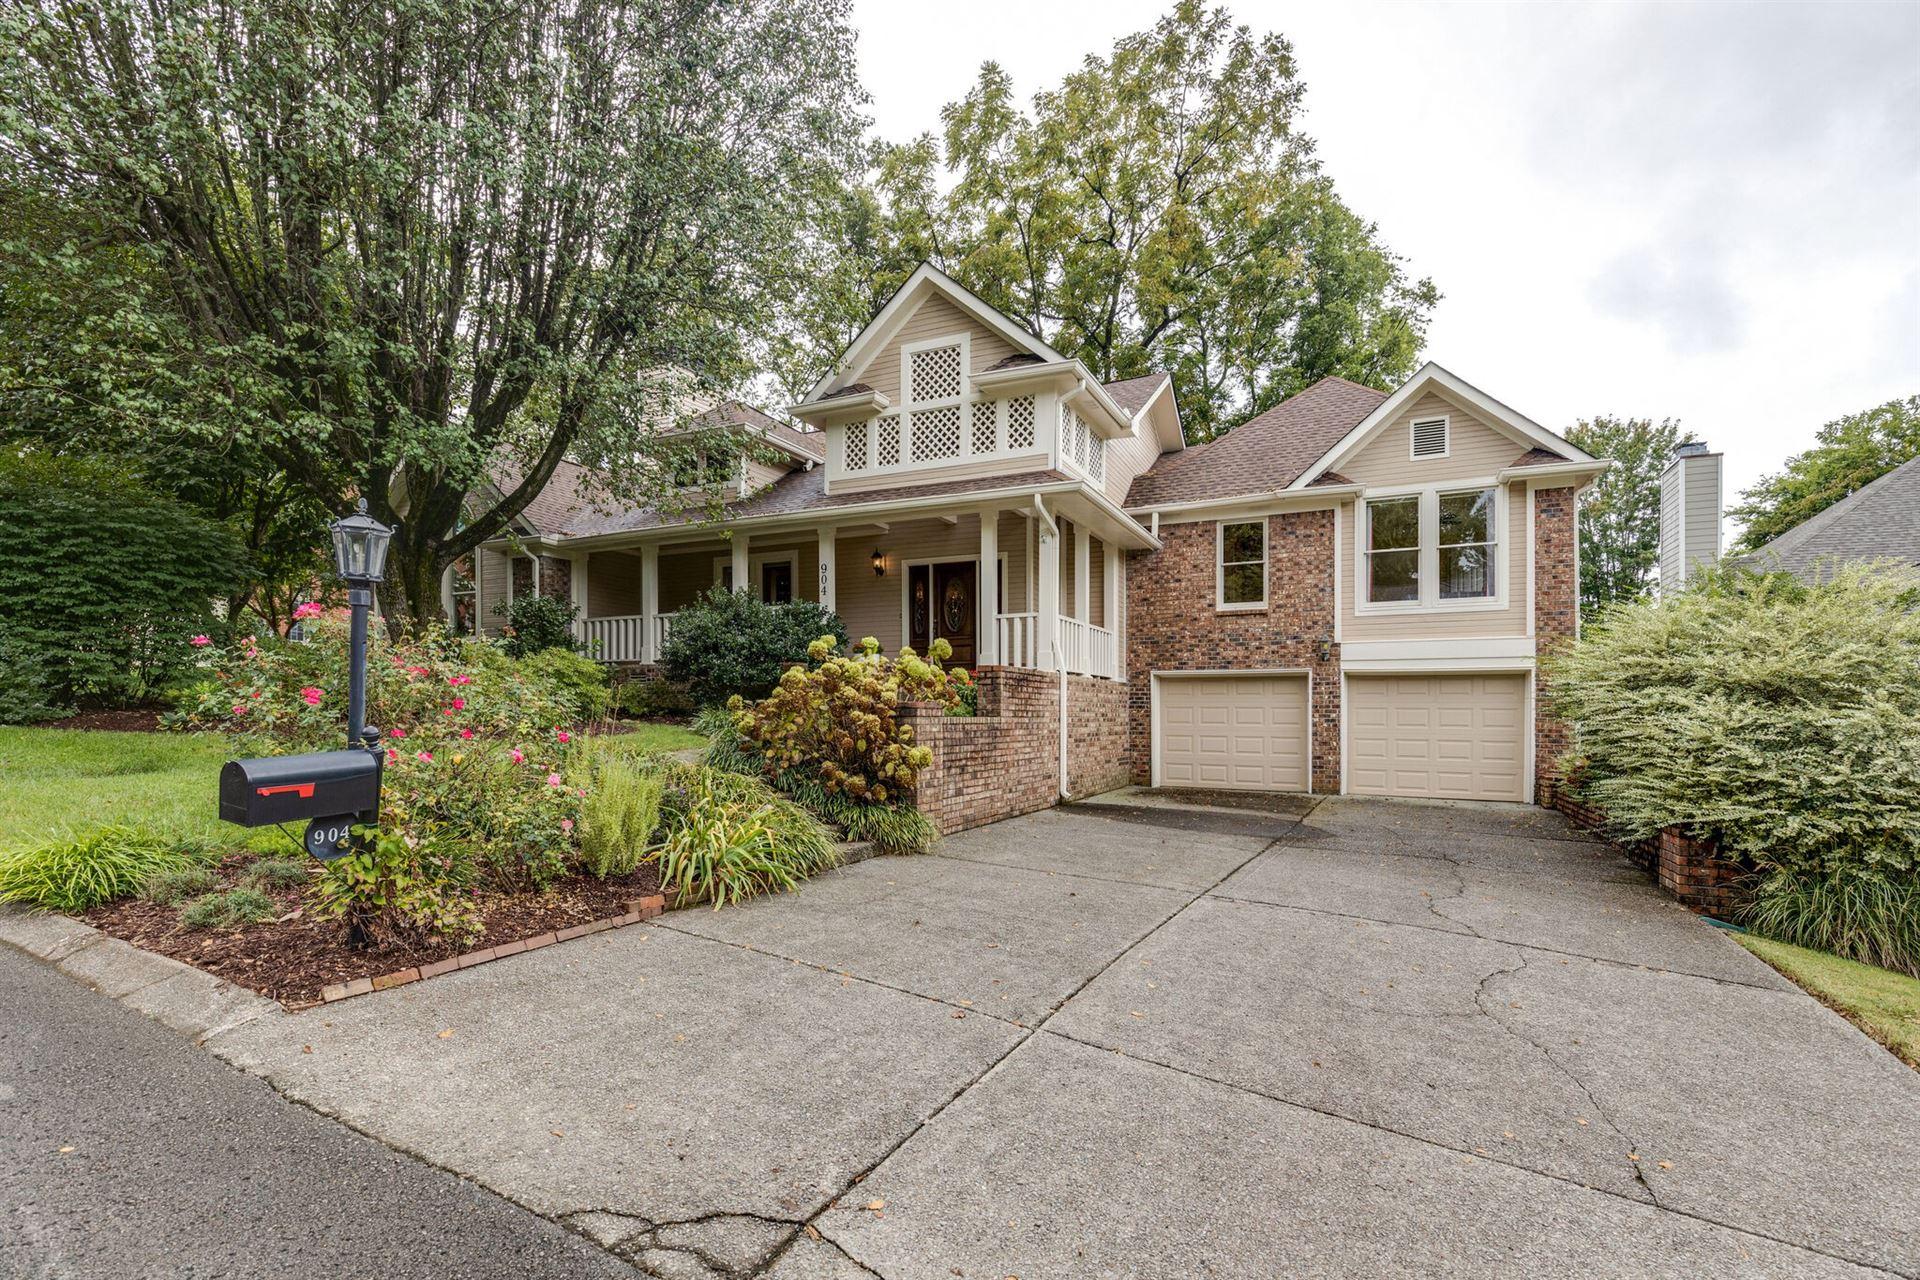 904 Stone Box Ct, Brentwood, TN 37027 - MLS#: 2291814